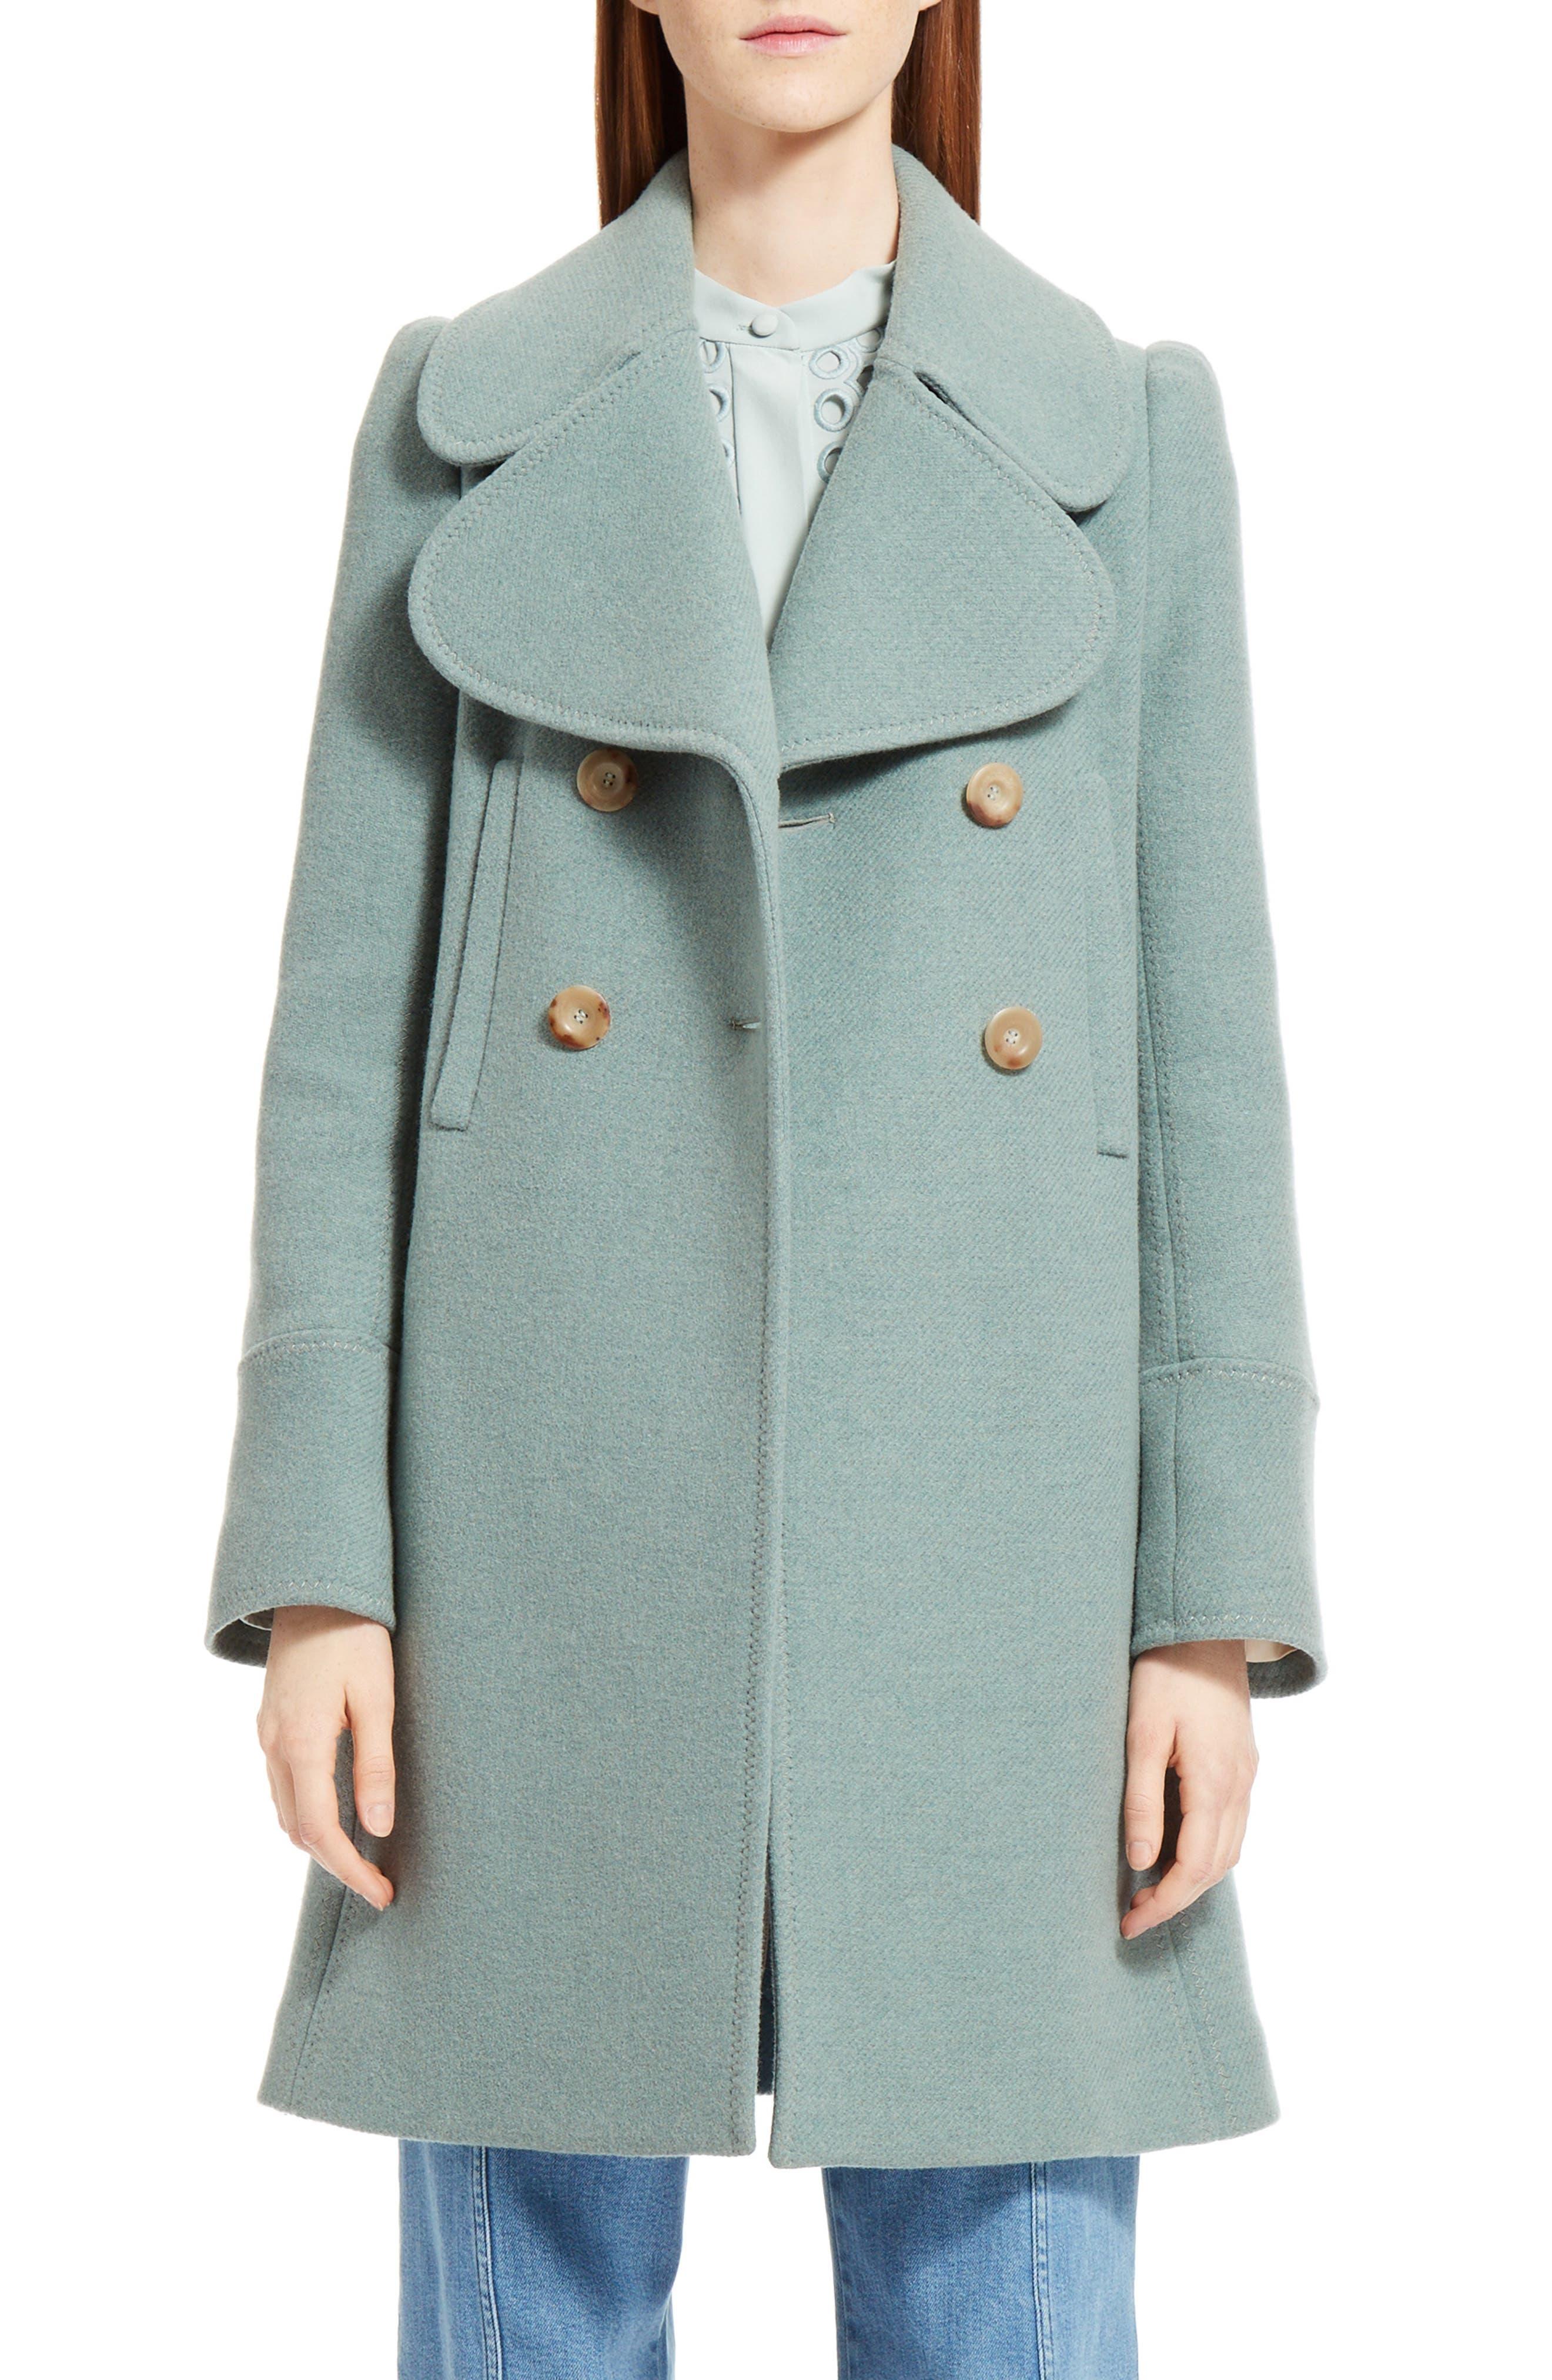 Chloé Iconic Wool Blend Coat